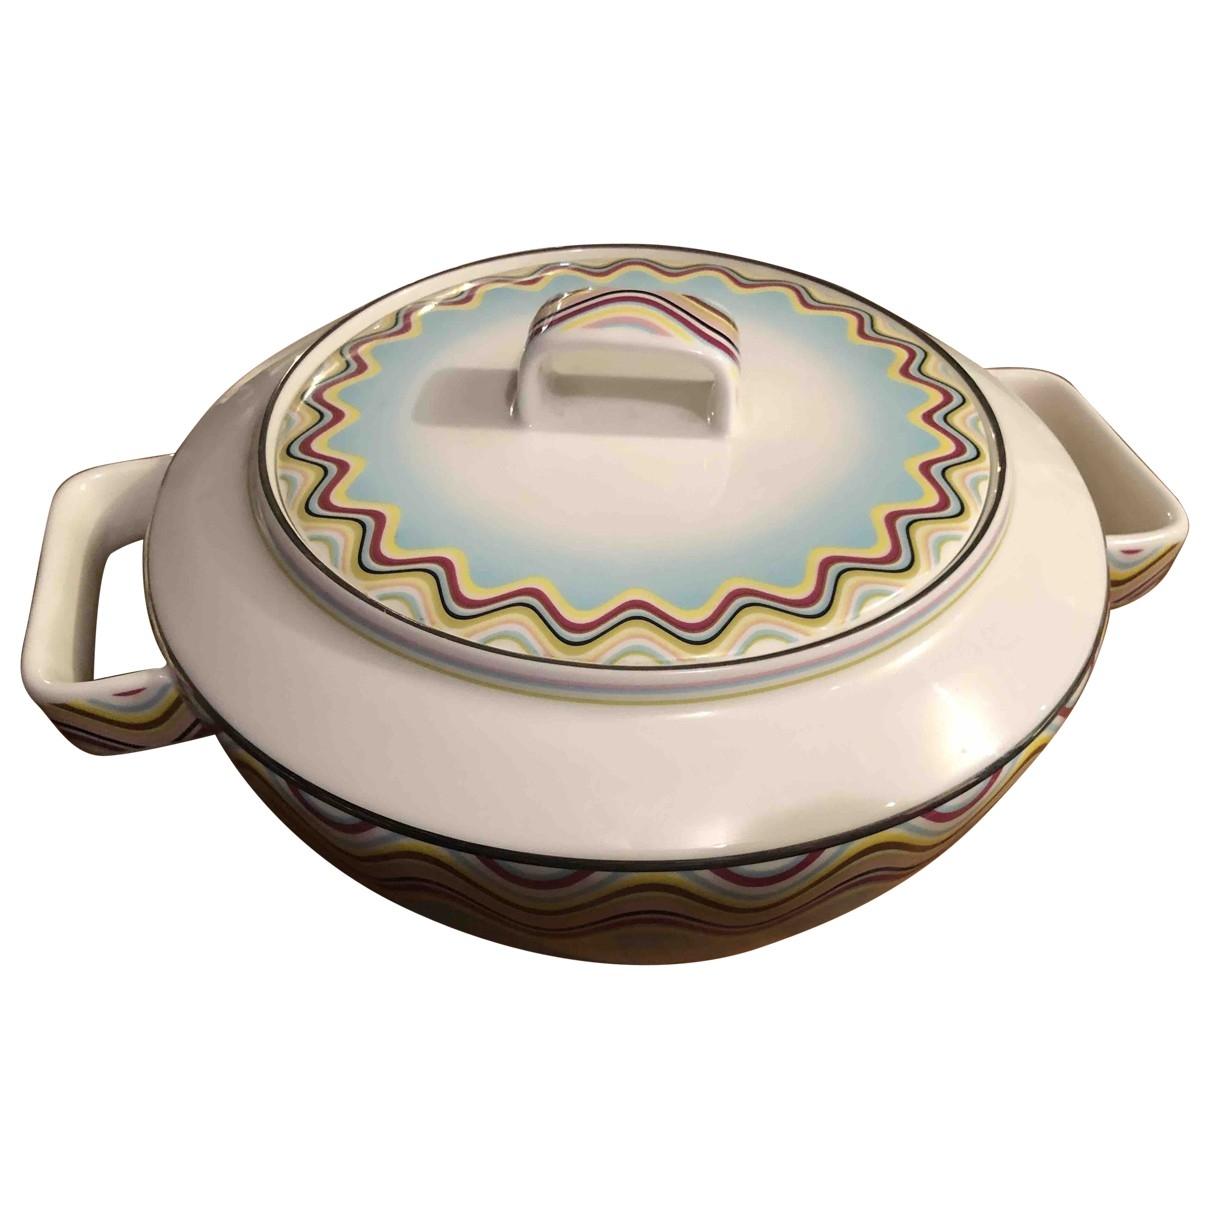 Missoni - Arts de la table   pour lifestyle en porcelaine